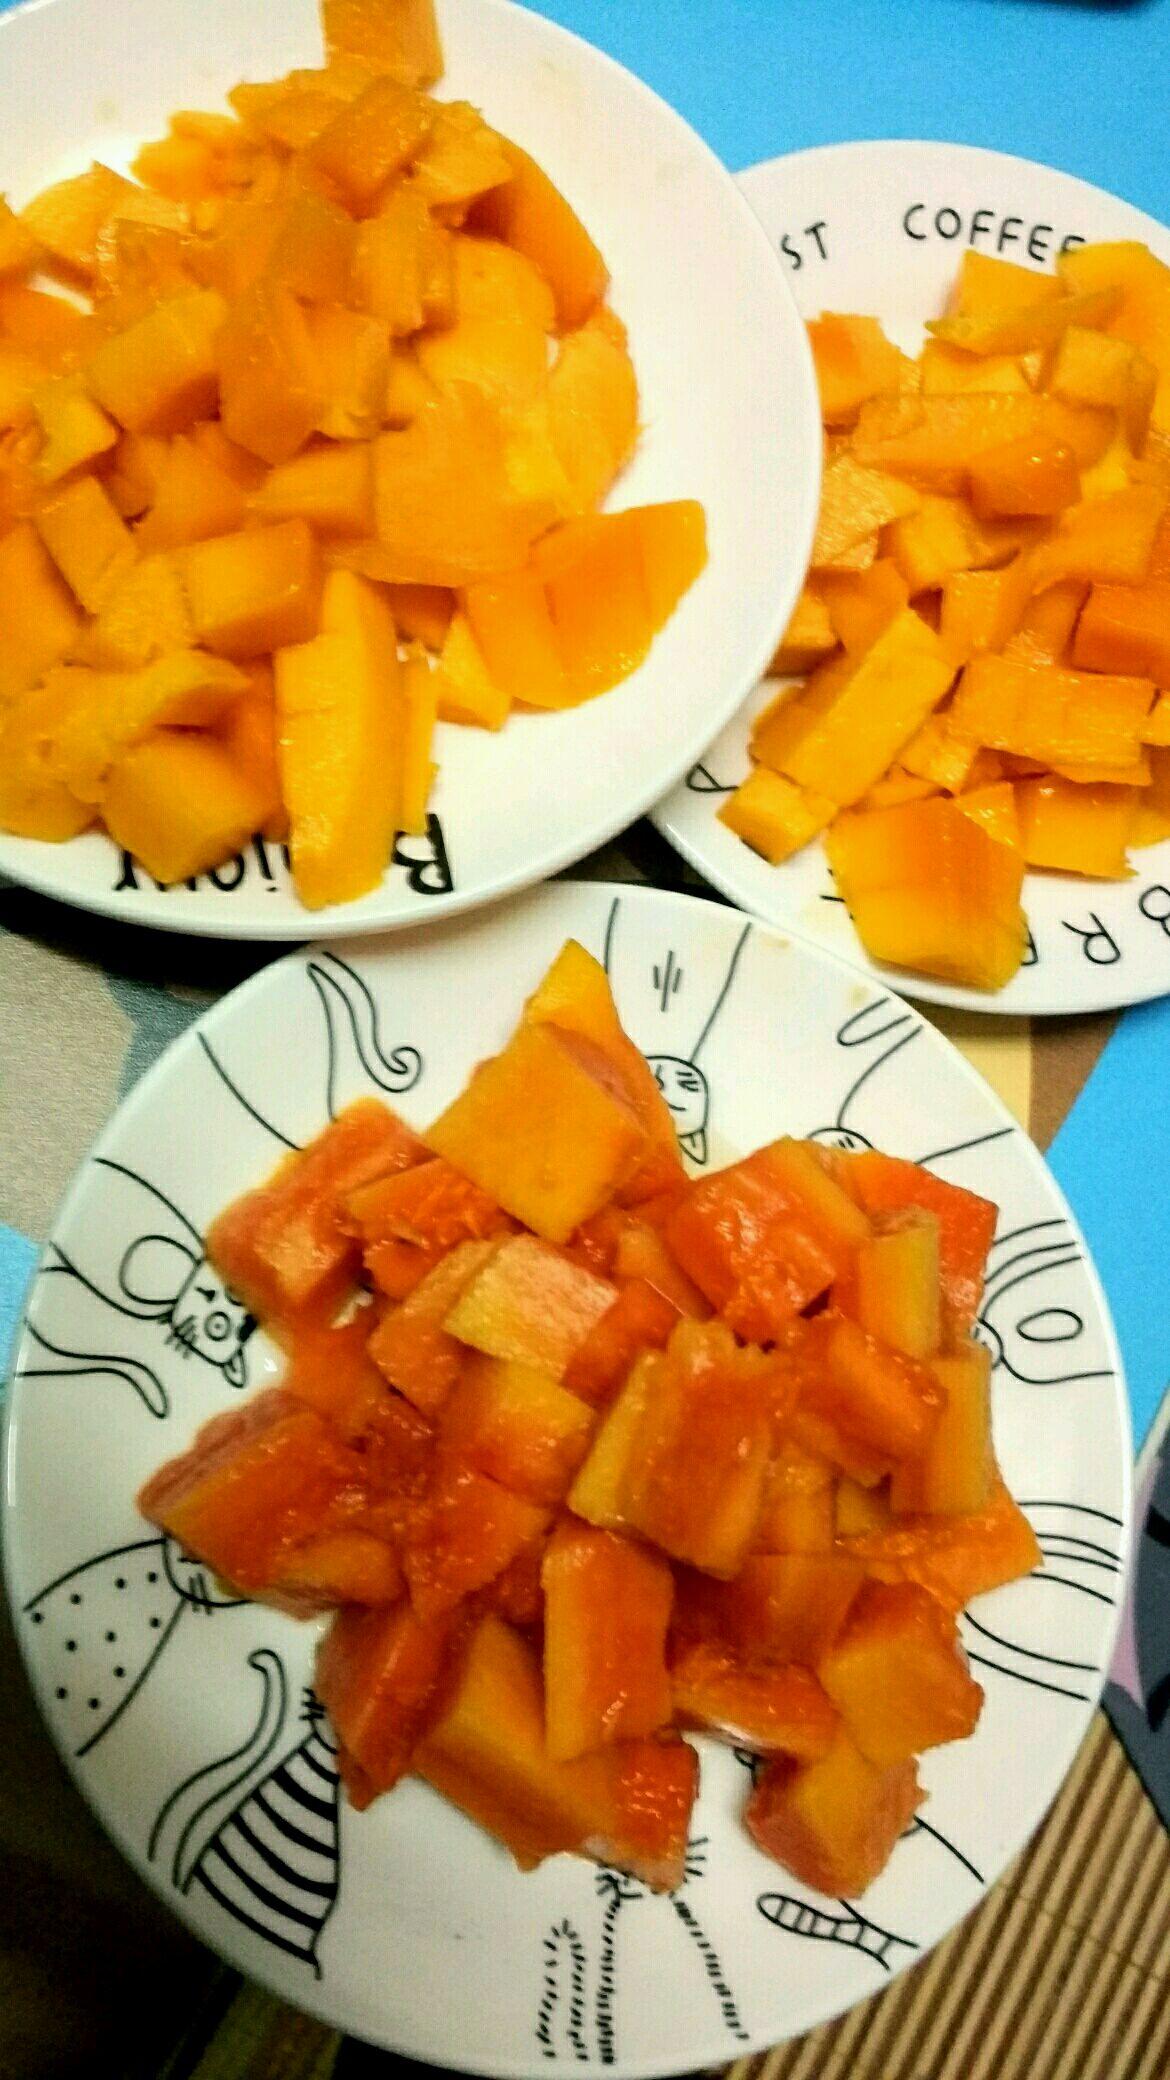 芒果木瓜切好备用